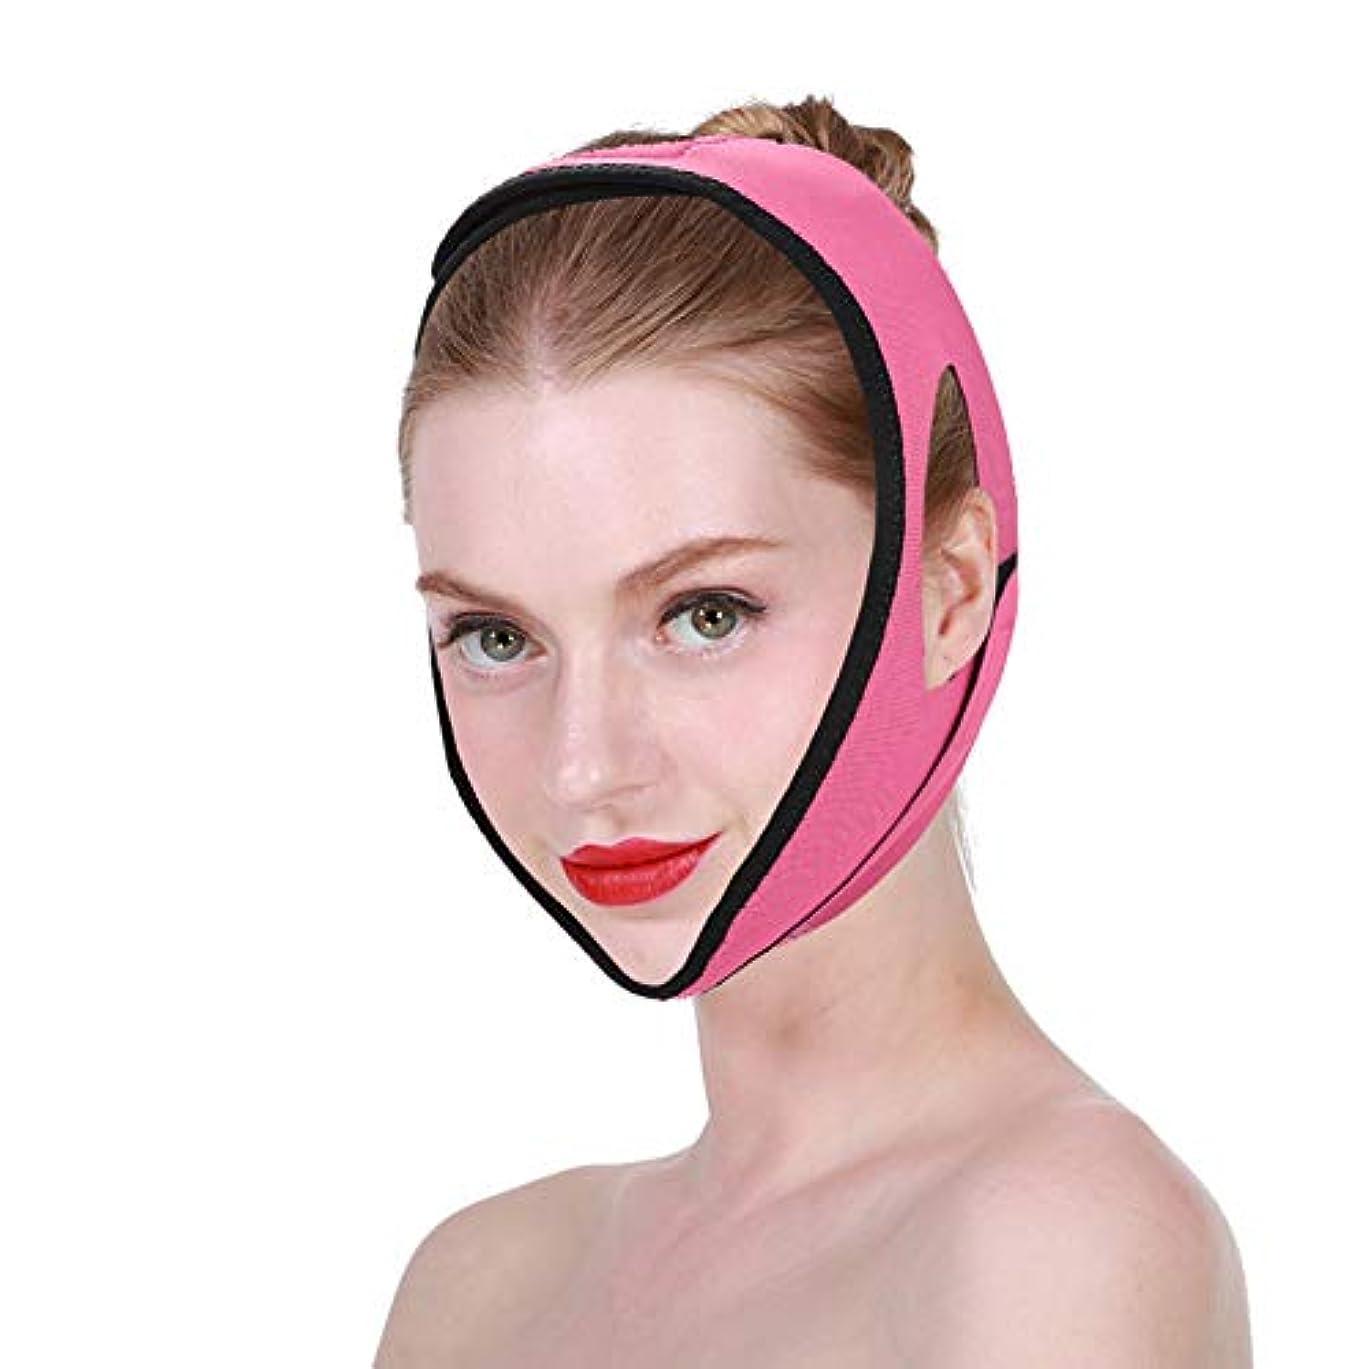 スポークスマン眉コートフェイシャルスリミングマスク、フェイスベルト 顔の包帯スリミングダブルチンVラインとフェイシャルケアファーミングスキン超薄型 クラインベルト (Red)